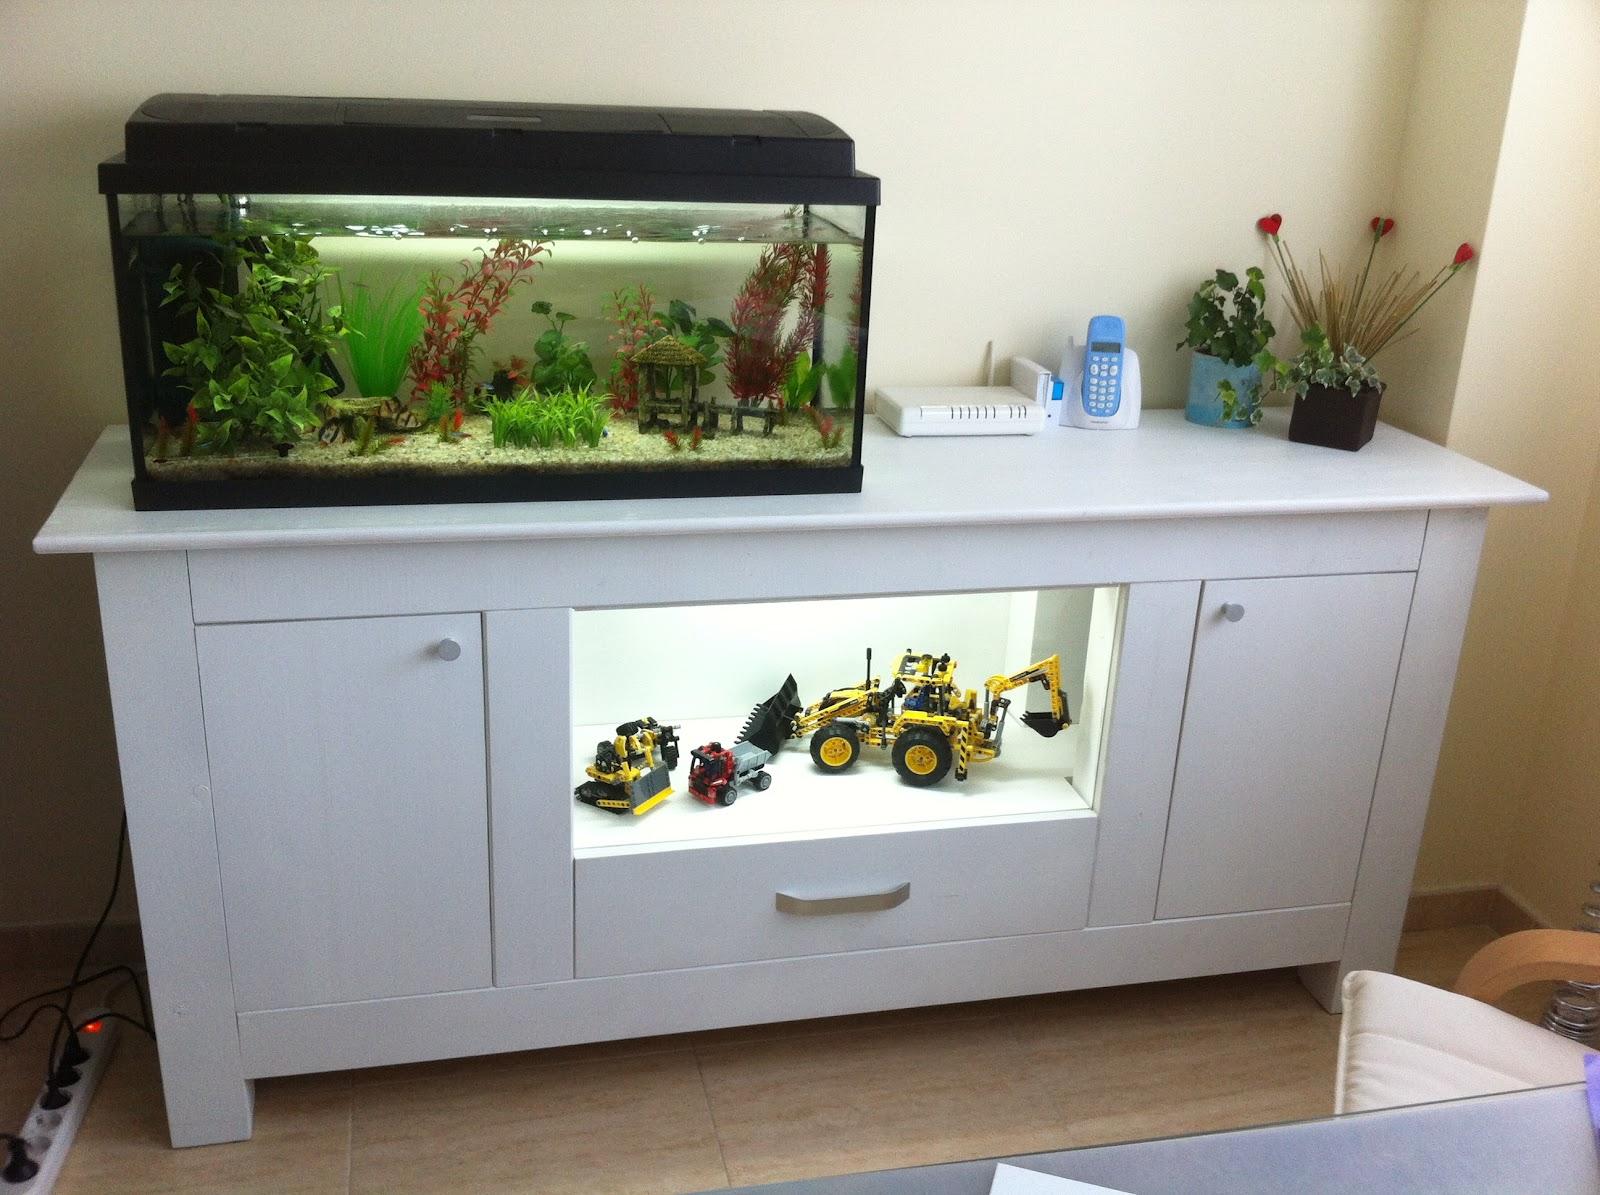 Mis inventos aparador con vitrina para acuario - Pecera con mueble ...